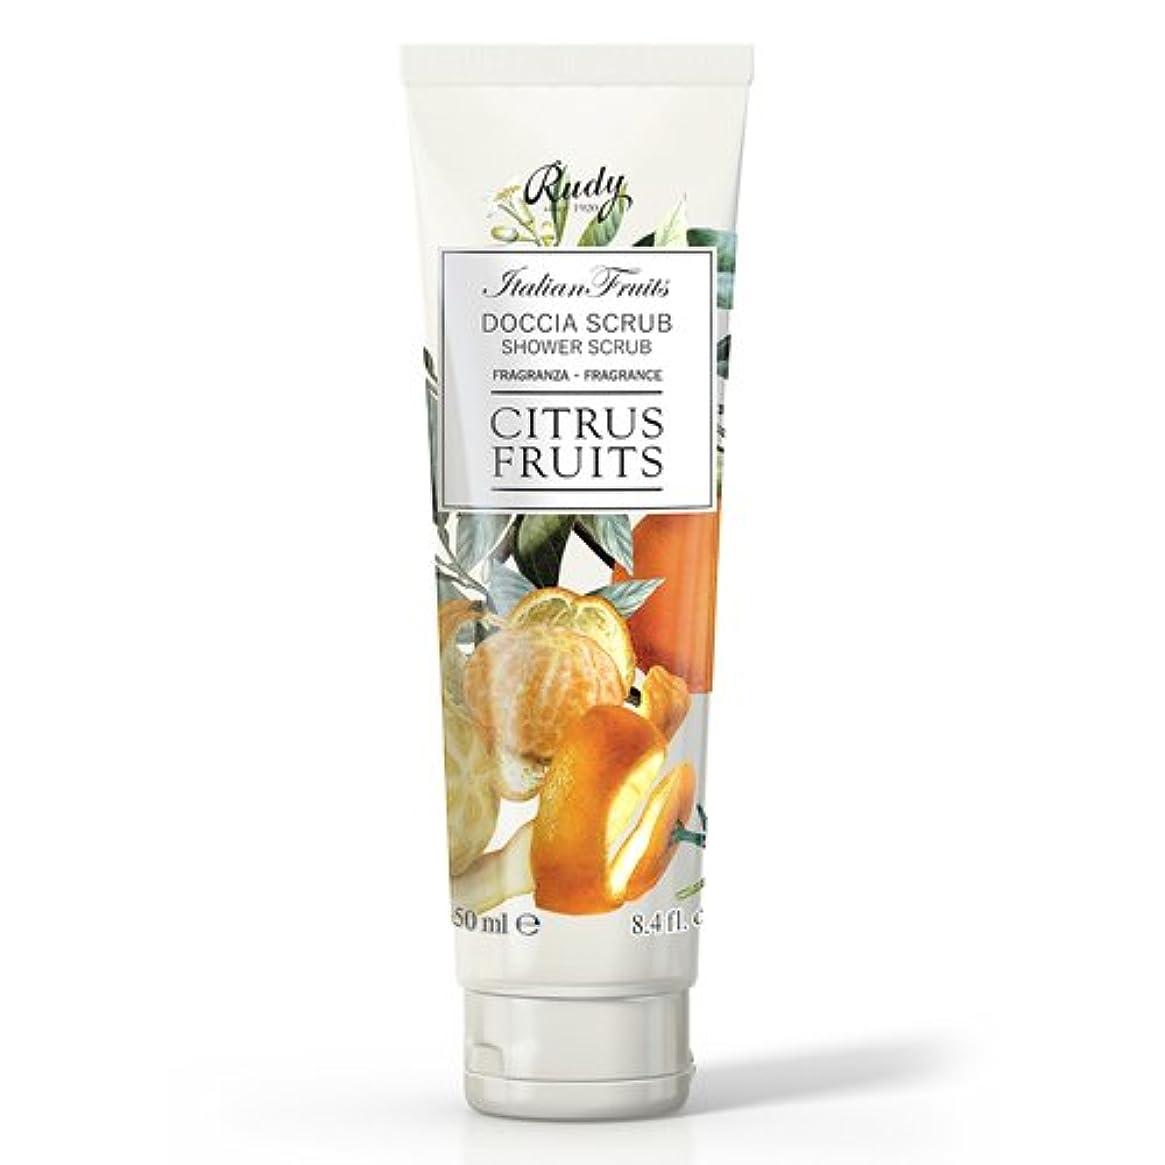 パール傾くとしてRUDY Italian Fruits Series ルディ イタリアンフルーツ Shower Scrub シャワースクラブ Citrus Fruits